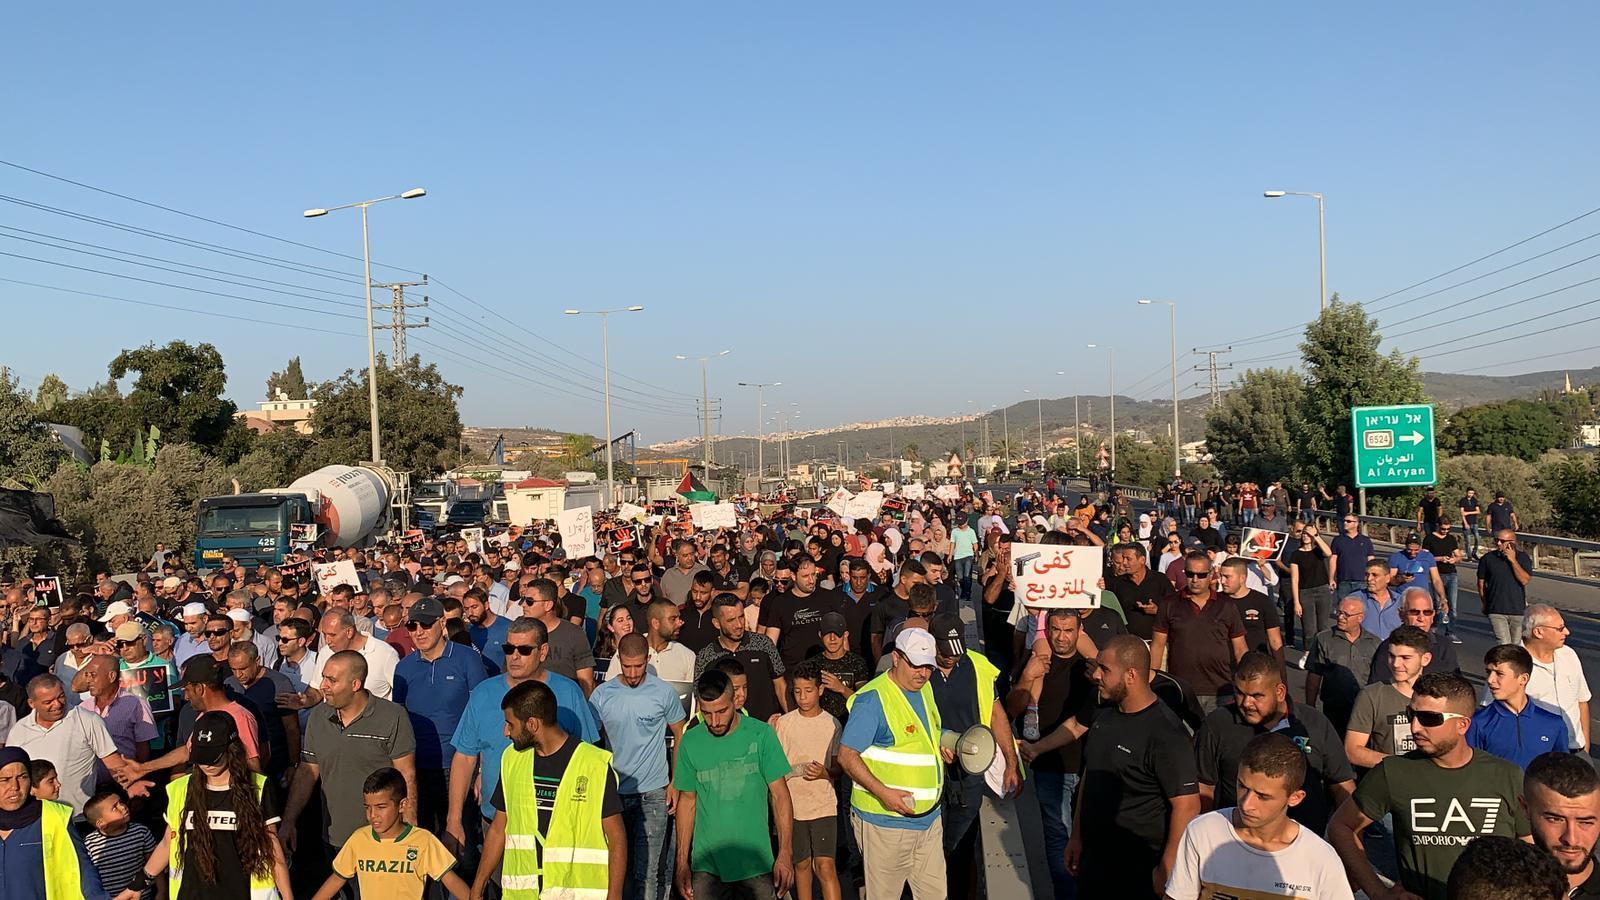 إغلاق شارع وادي عارة احتجاجا على الجريمة وتواطؤ الشرطة